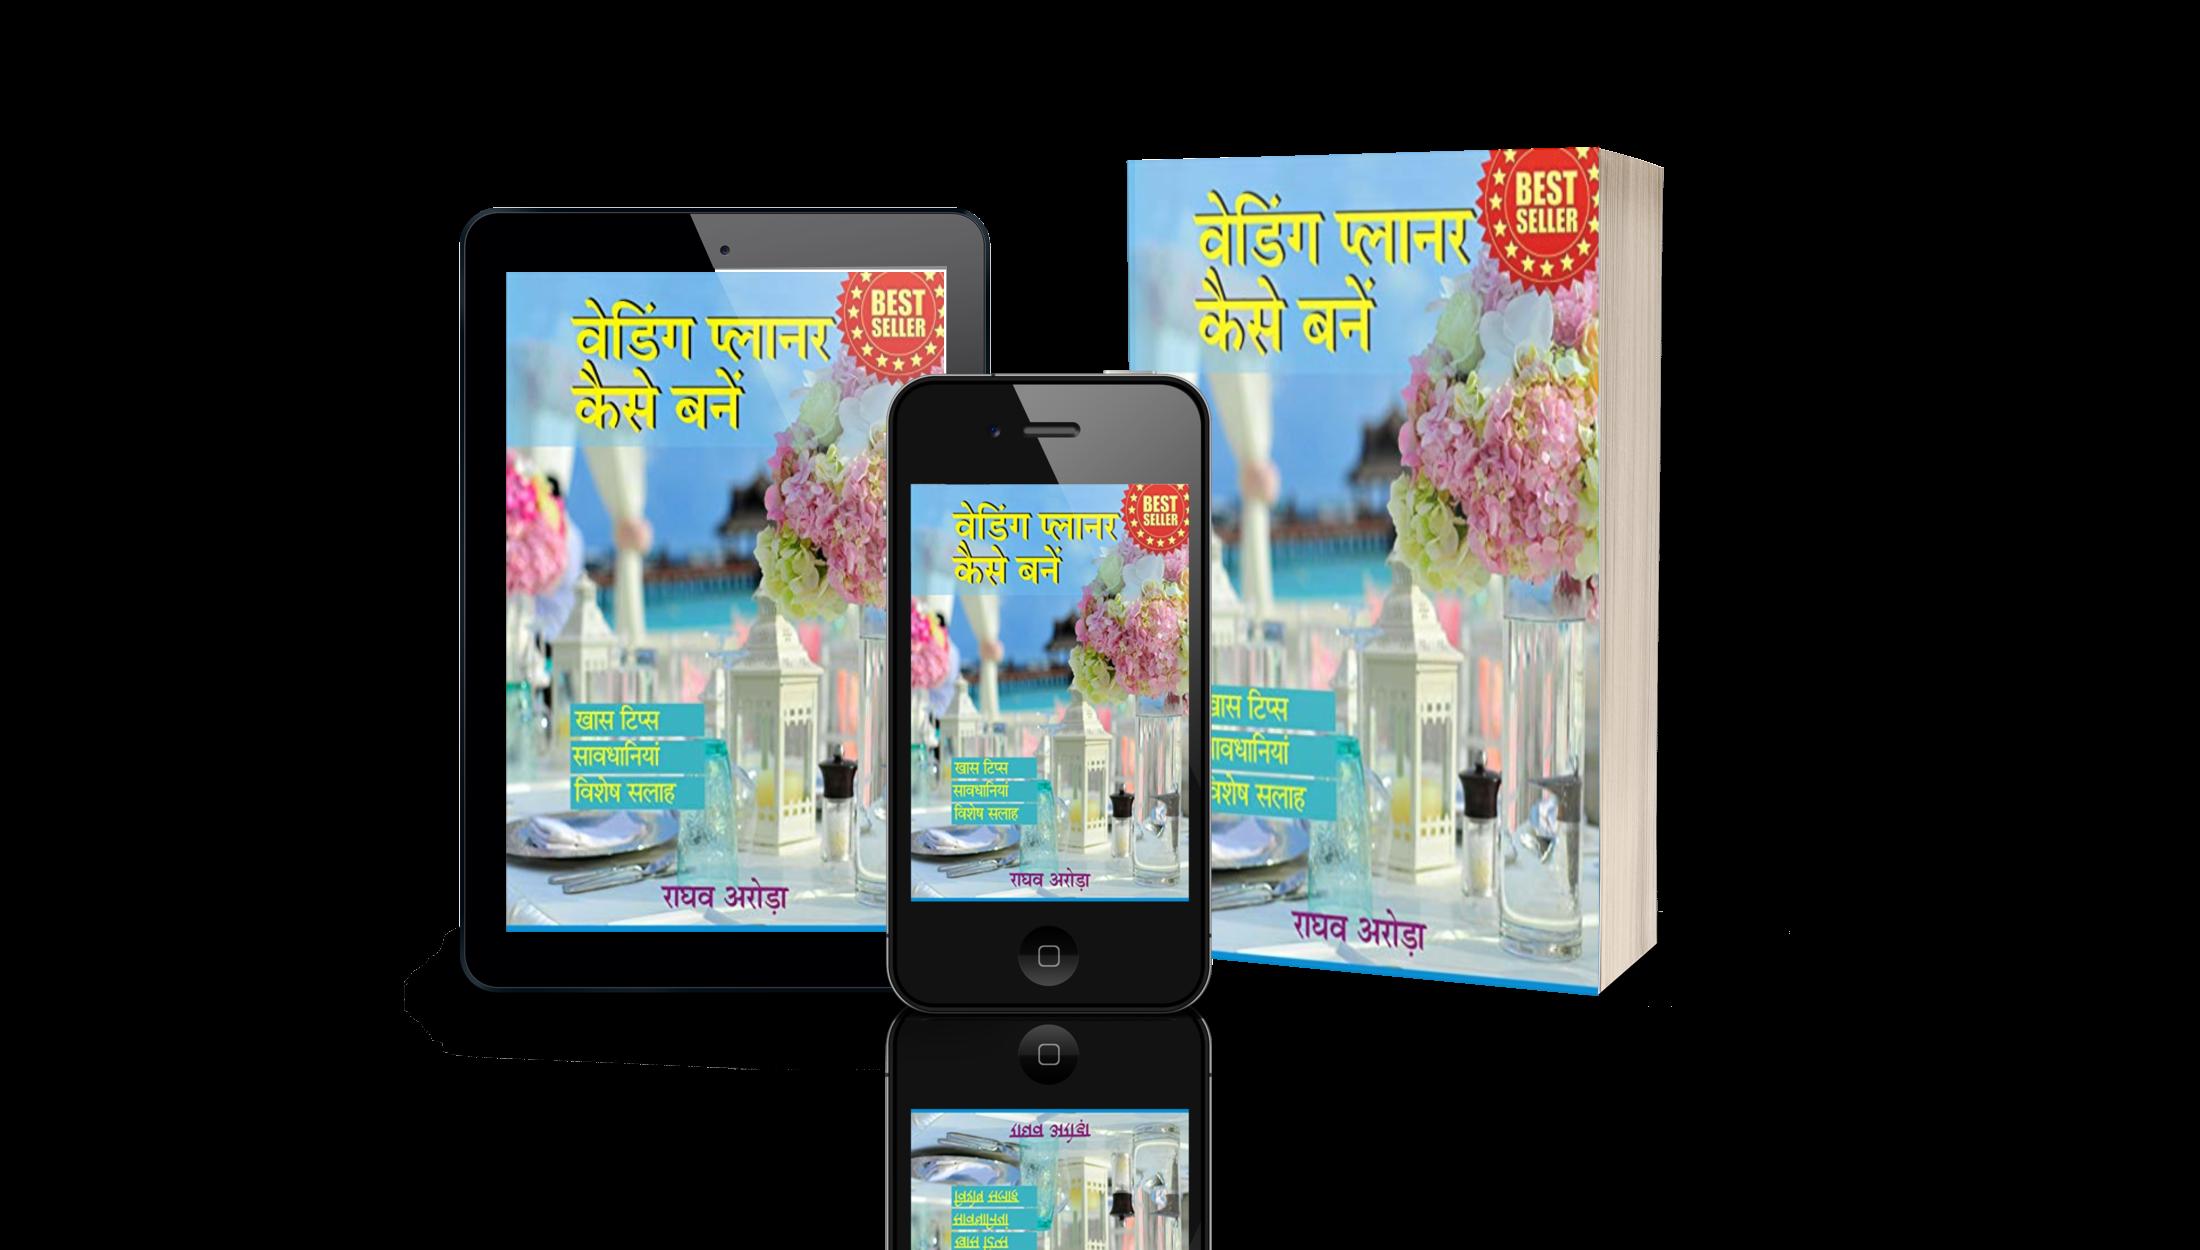 Amazon Best Seller Books India